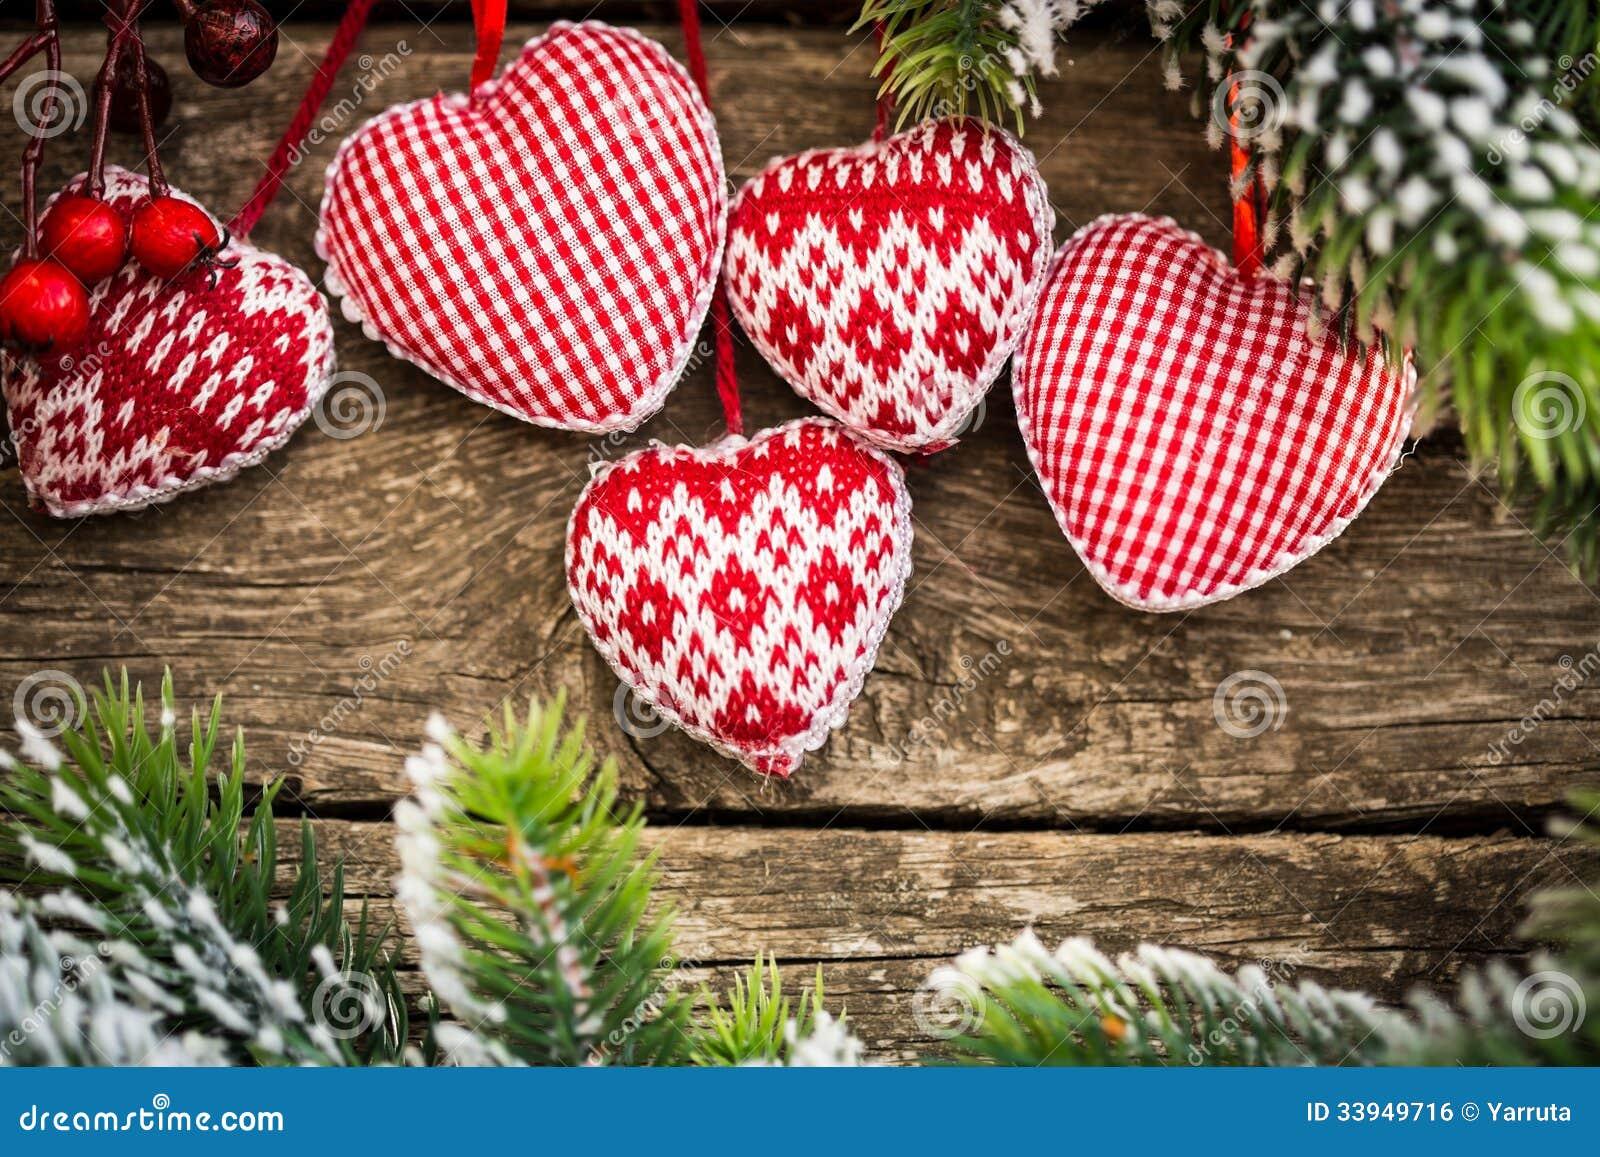 Weihnachtsbaumdekorationen, die an der Niederlassung hängen